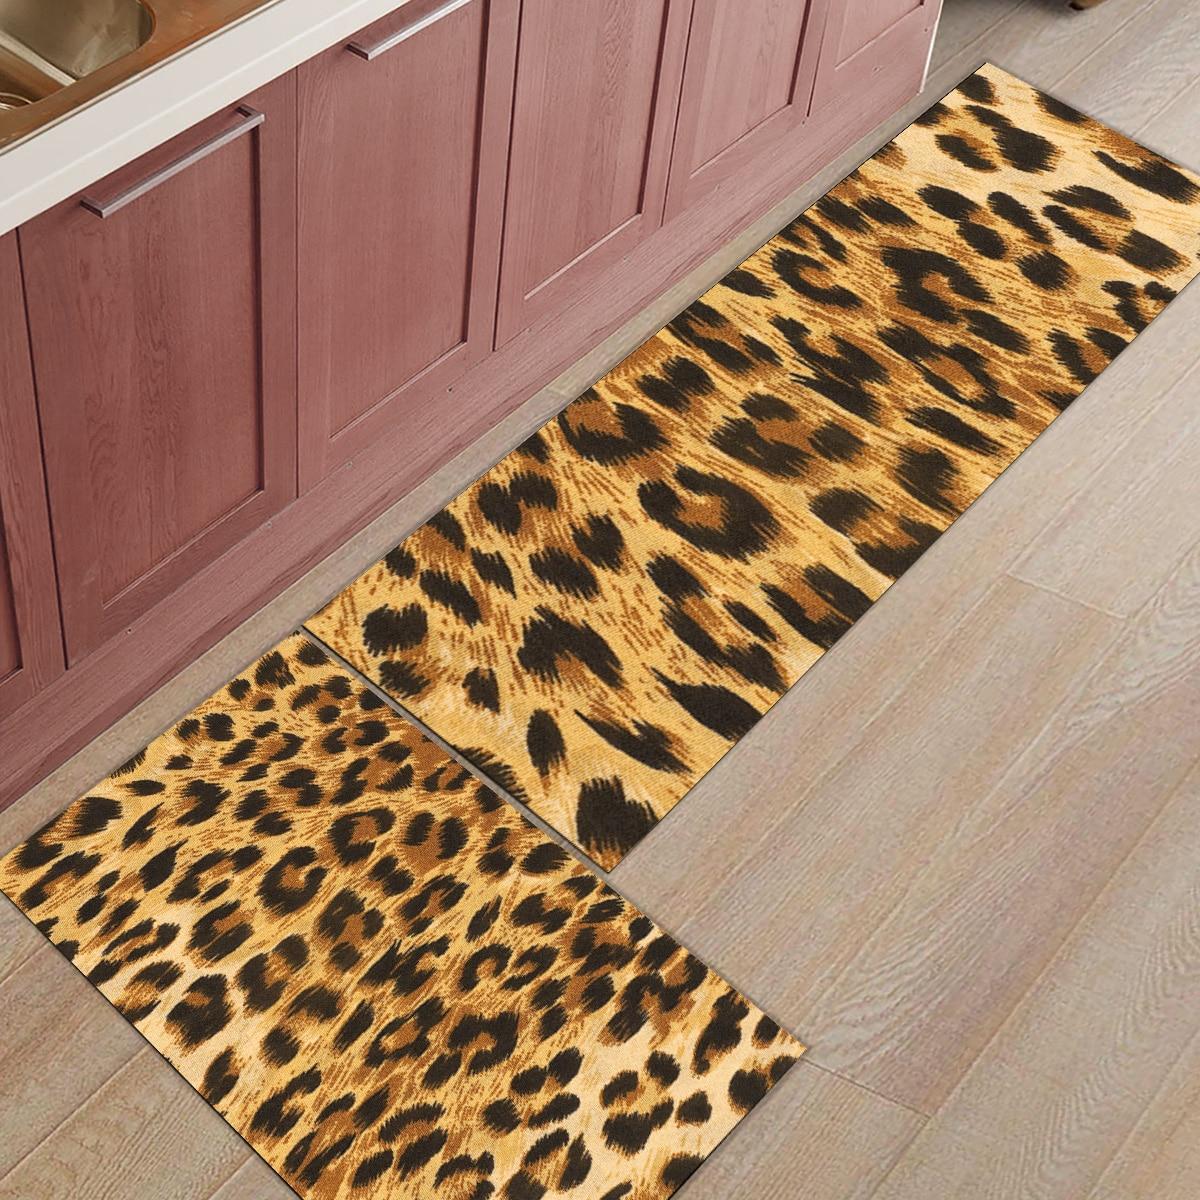 2pcs/set Leopard Print Doormat Entrance Front Door Rug ...